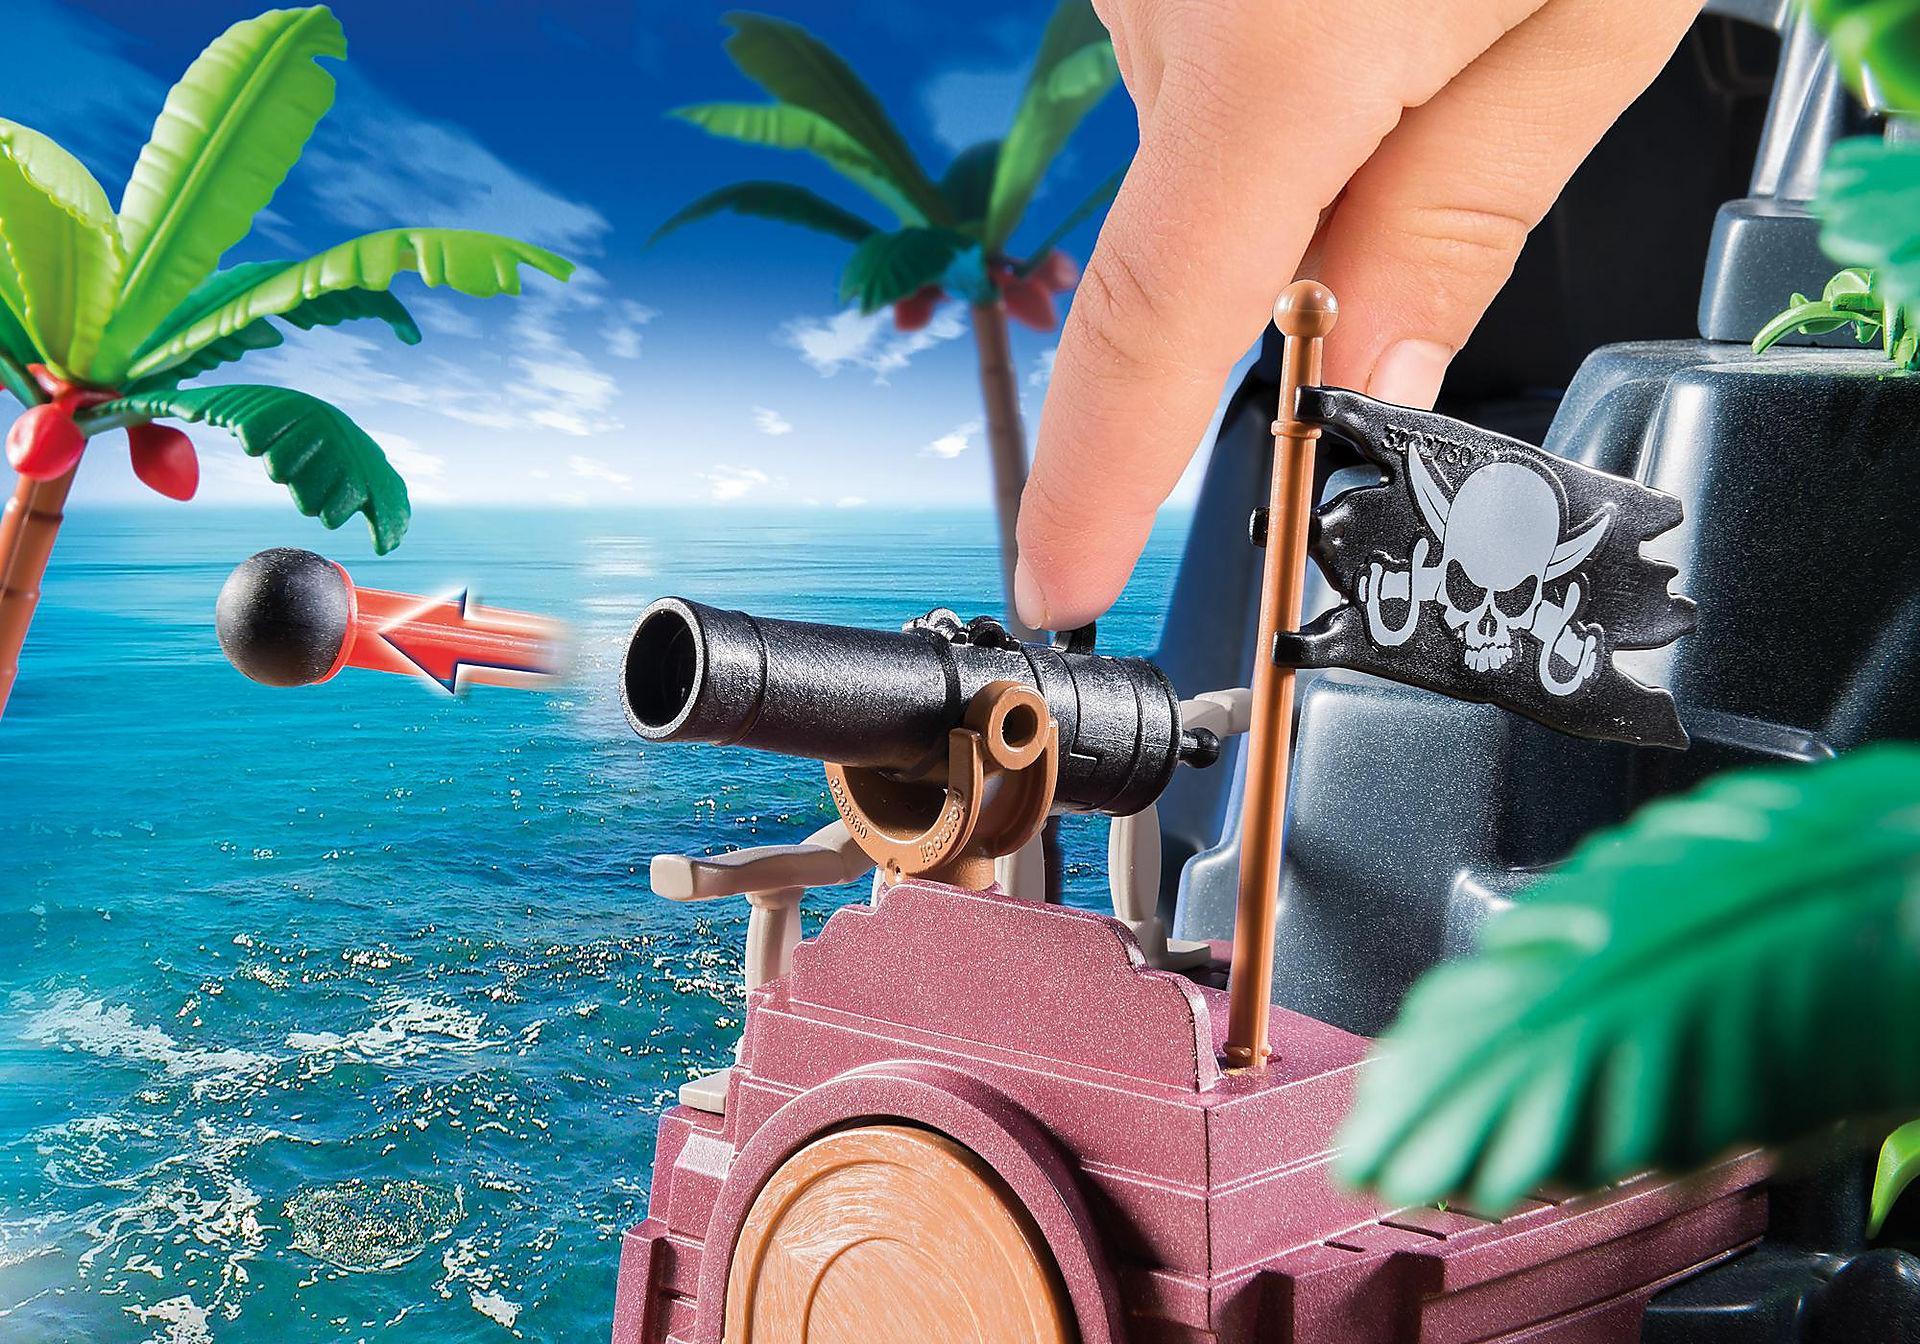 6679 Piracka wyspa skarbów zoom image8